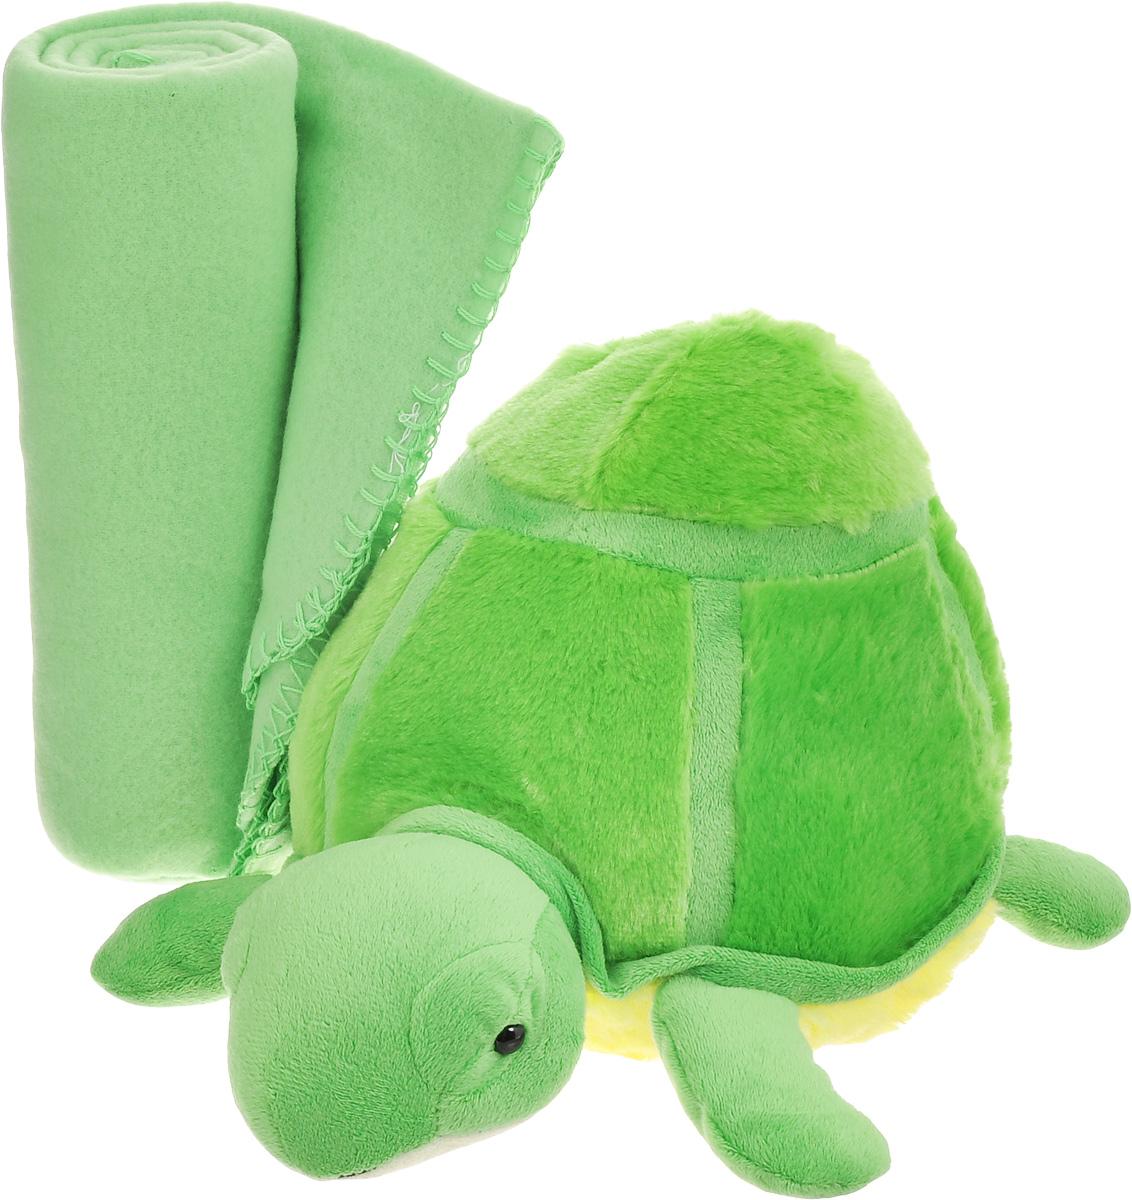 Набор Home Queen Черепашка: плед, игрушка, цвет: зеленый67427Набор Home Queen Черепашка состоит из мягконабивной игрушки и флисового пледа желтогоцвета. Мягкий флисовый плед согреет в прохладные вечера и сделает ваш дом уютным. Пледне скатывается и не вызывает аллергии, легко стирается и быстро сохнет. Таким пледом можноуютно укрыться дома или взять с собой в путешествие. Игрушка в виде черепашки изготовлена из приятного на ощупь плюша с мягким синтепономвнутри. Может использоваться как подушка.Набор Home Queen Черепашка - интересный и полезный подарок для ребенка. Плед и игрушкапрекрасно дополнят интерьер детской и порадуют вашего малыша.